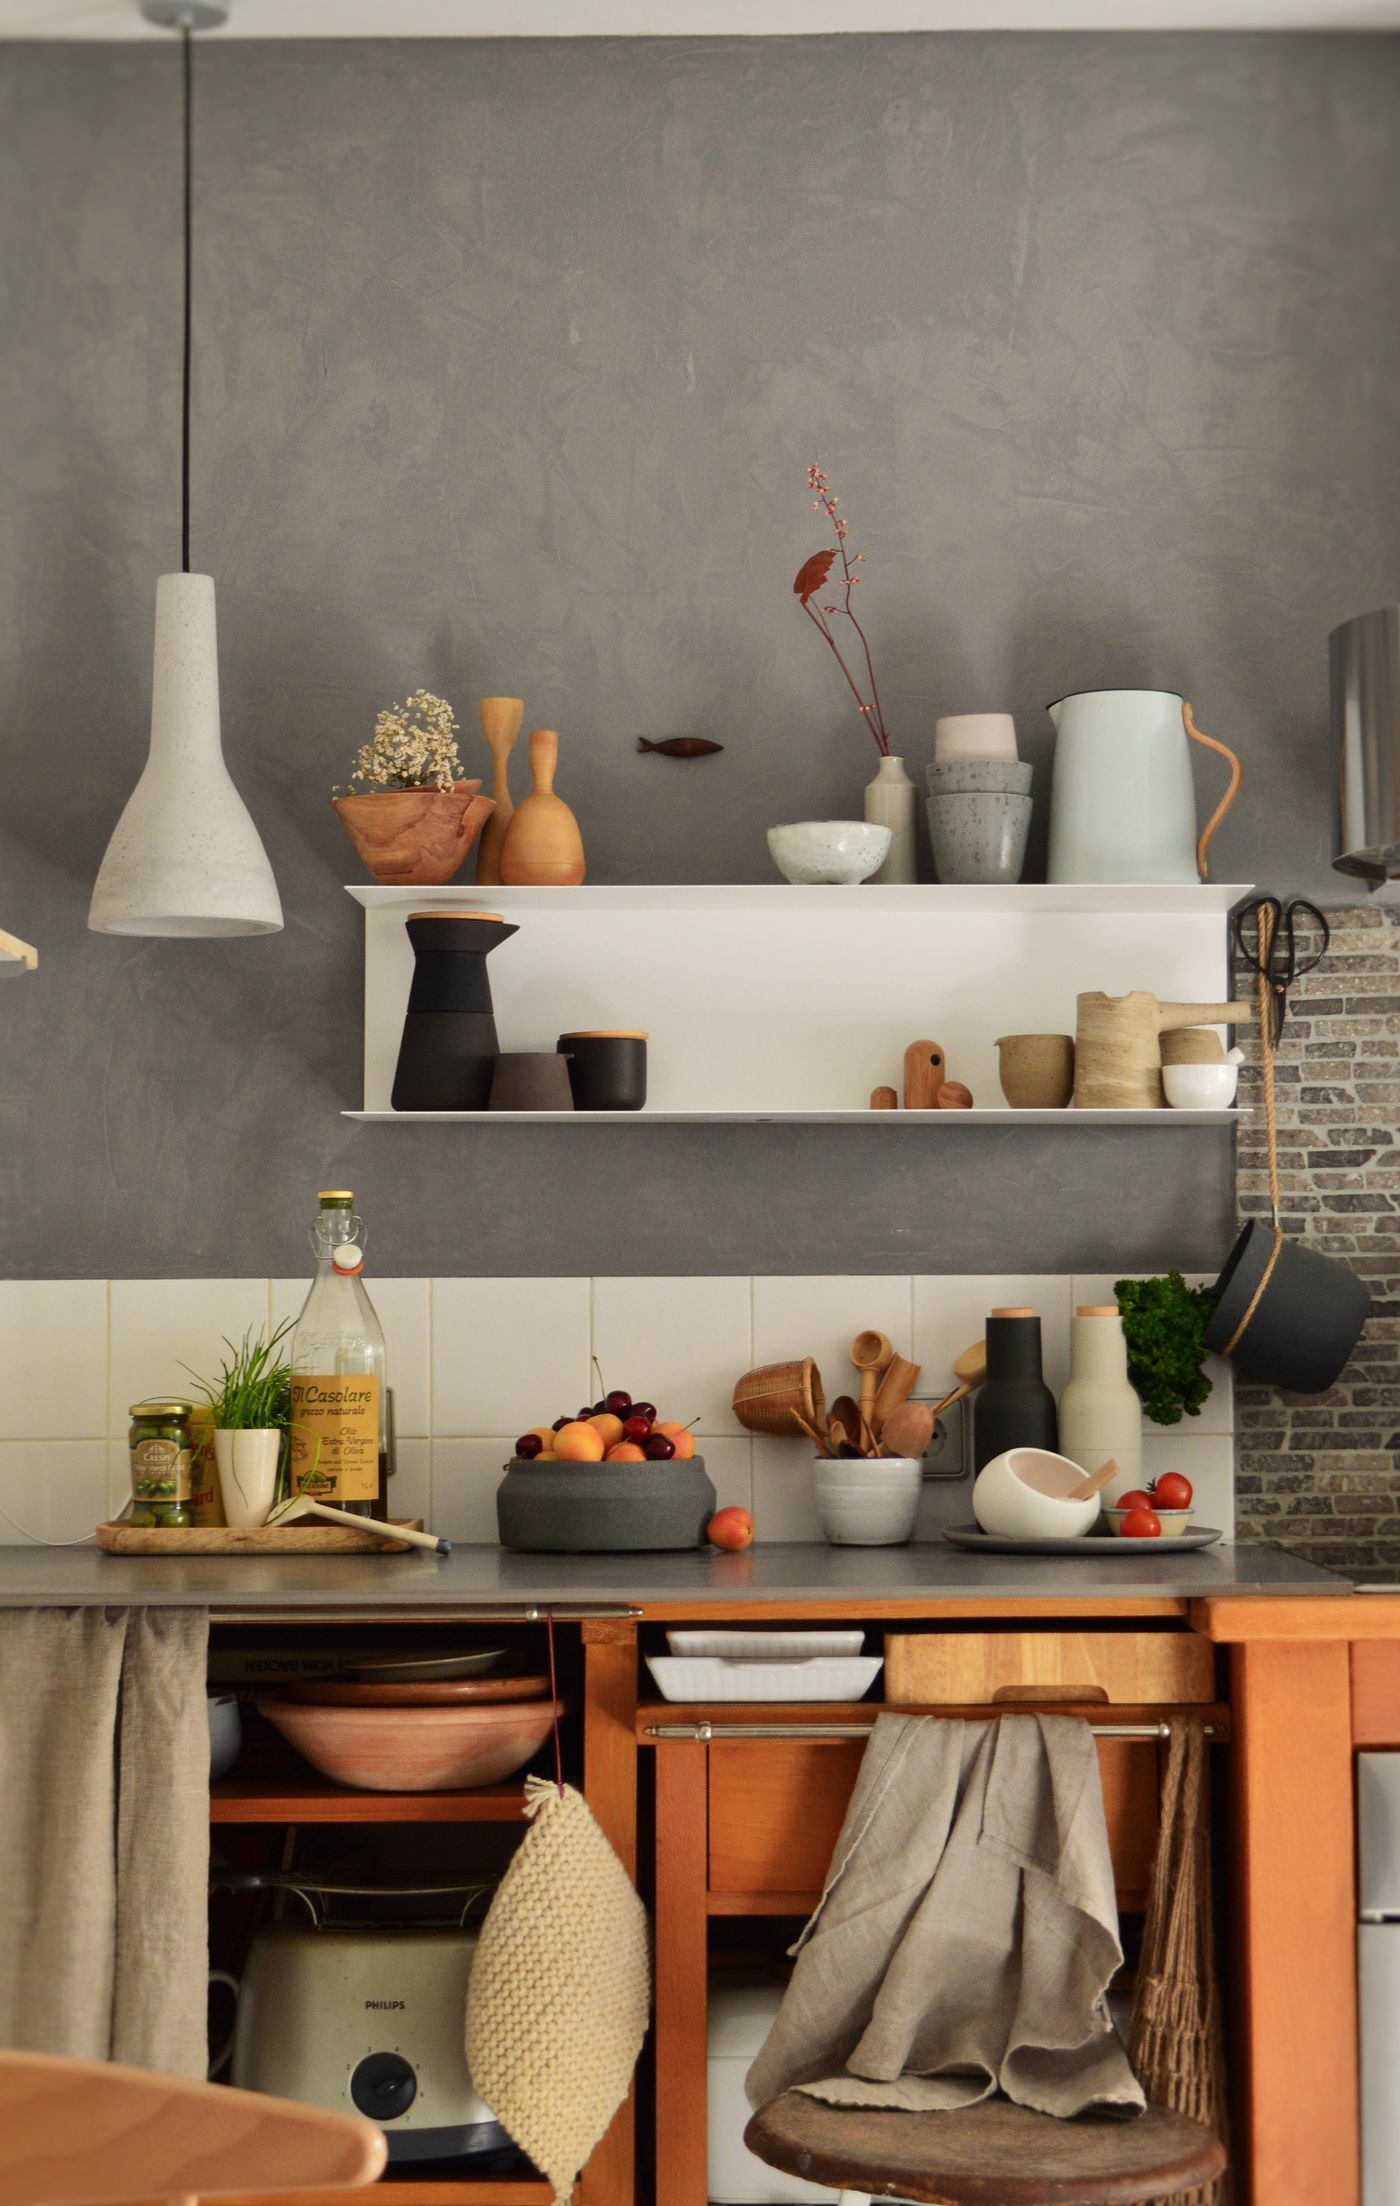 Fabulous Die schönsten Küchen Ideen NS94